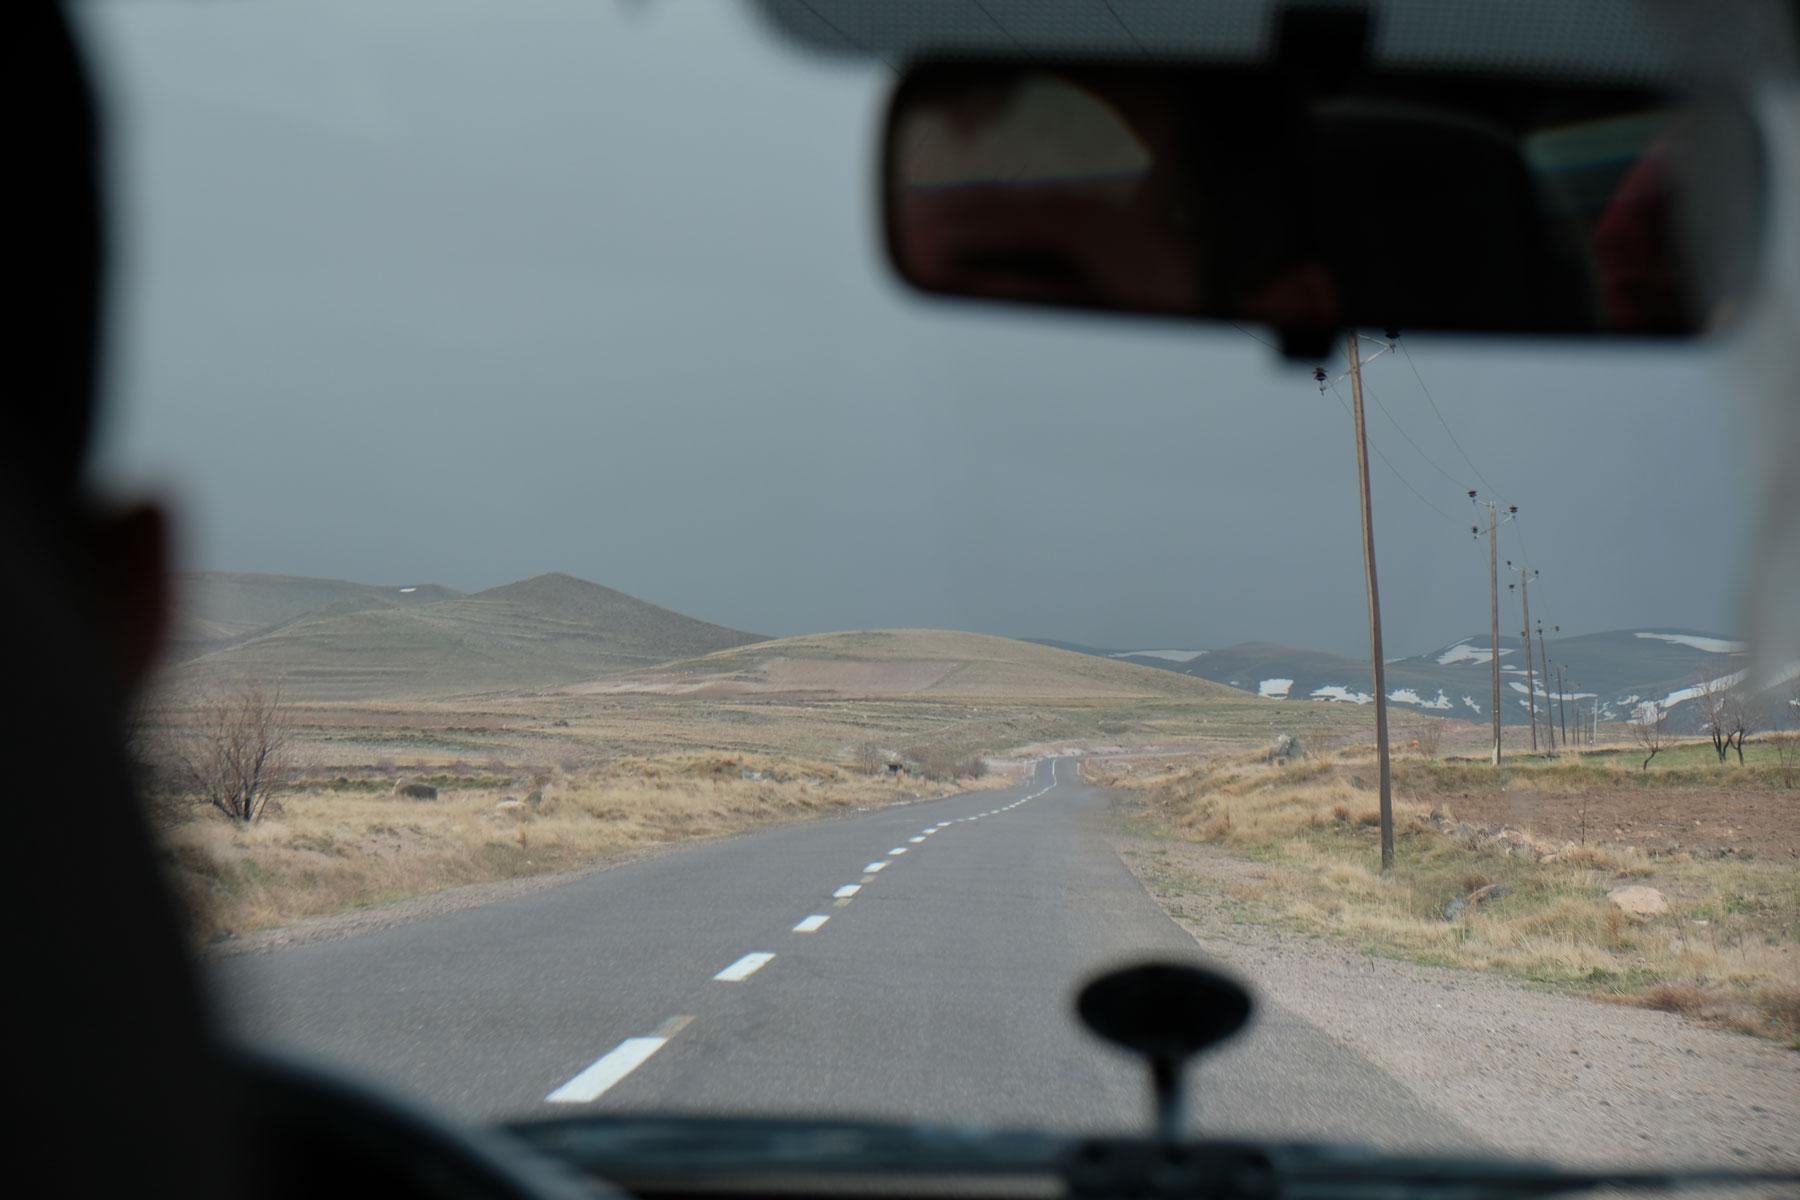 Anreise nach Kandovan. Wir sind sehr überrascht, als Schneereste am Straßenrand auftauchen!